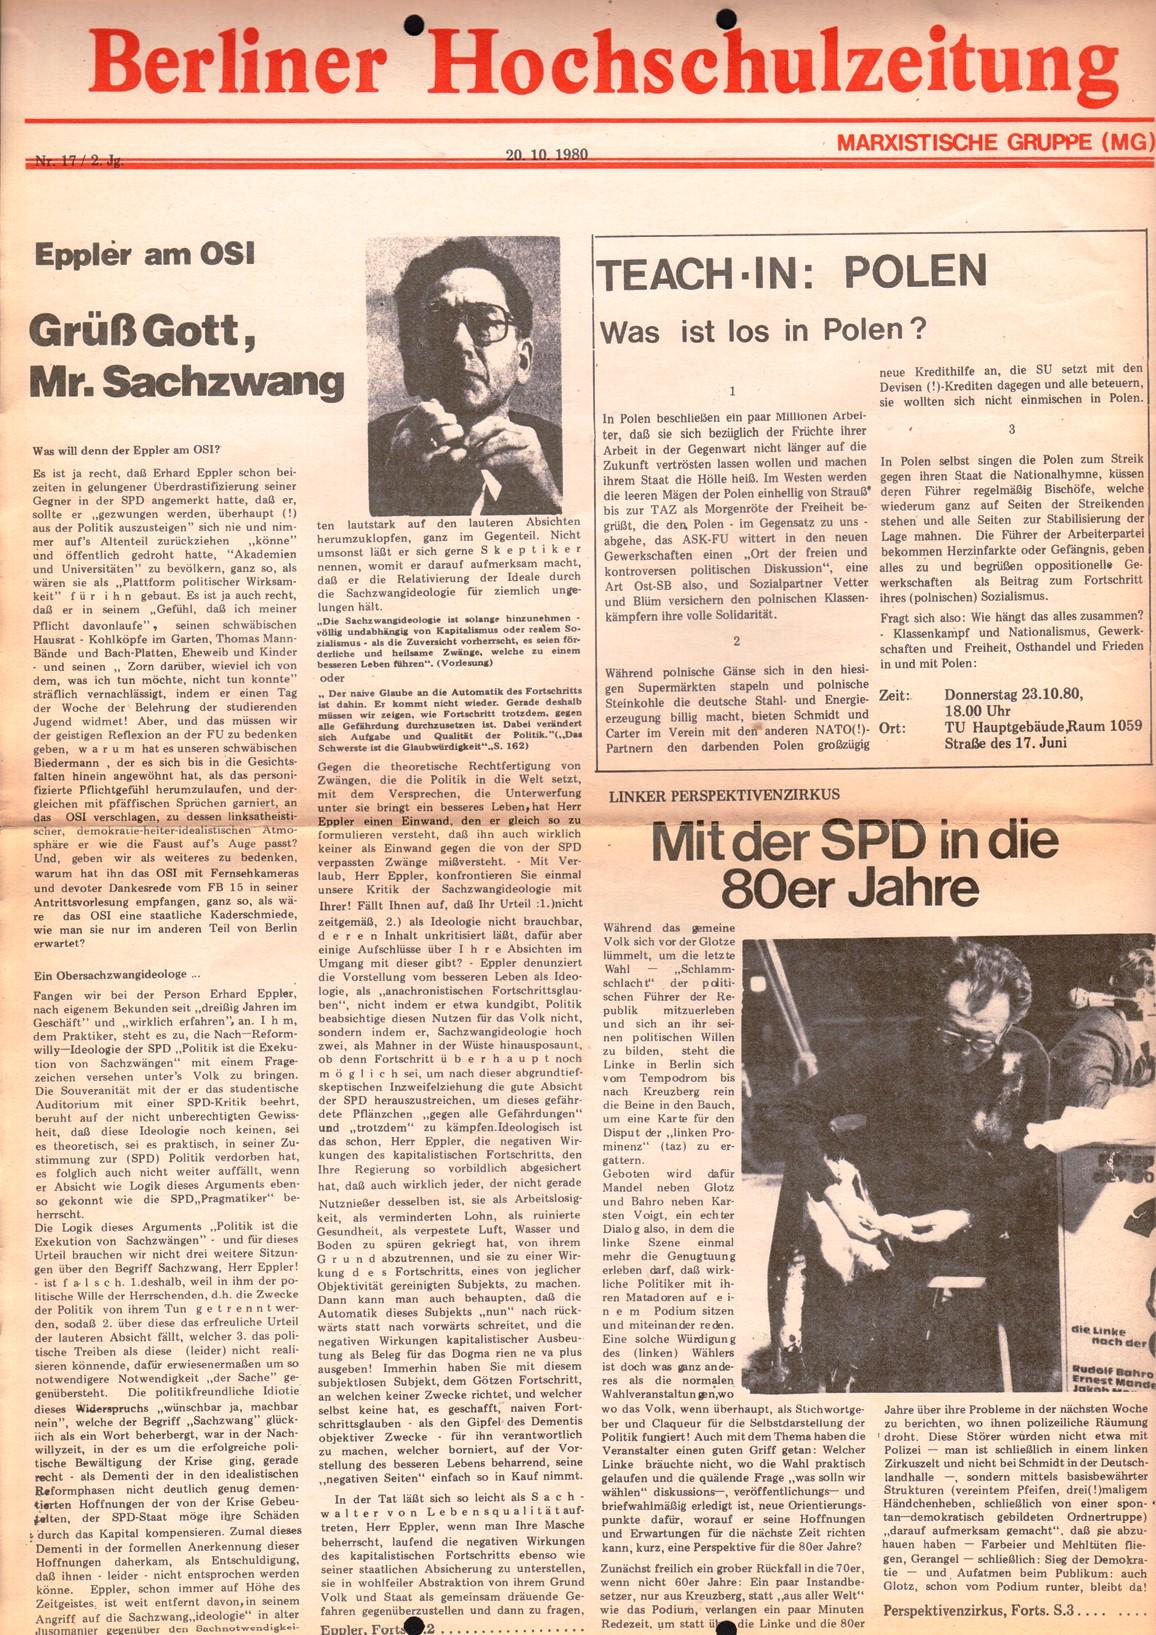 Berlin_MG_Hochschulzeitung_19801020_01